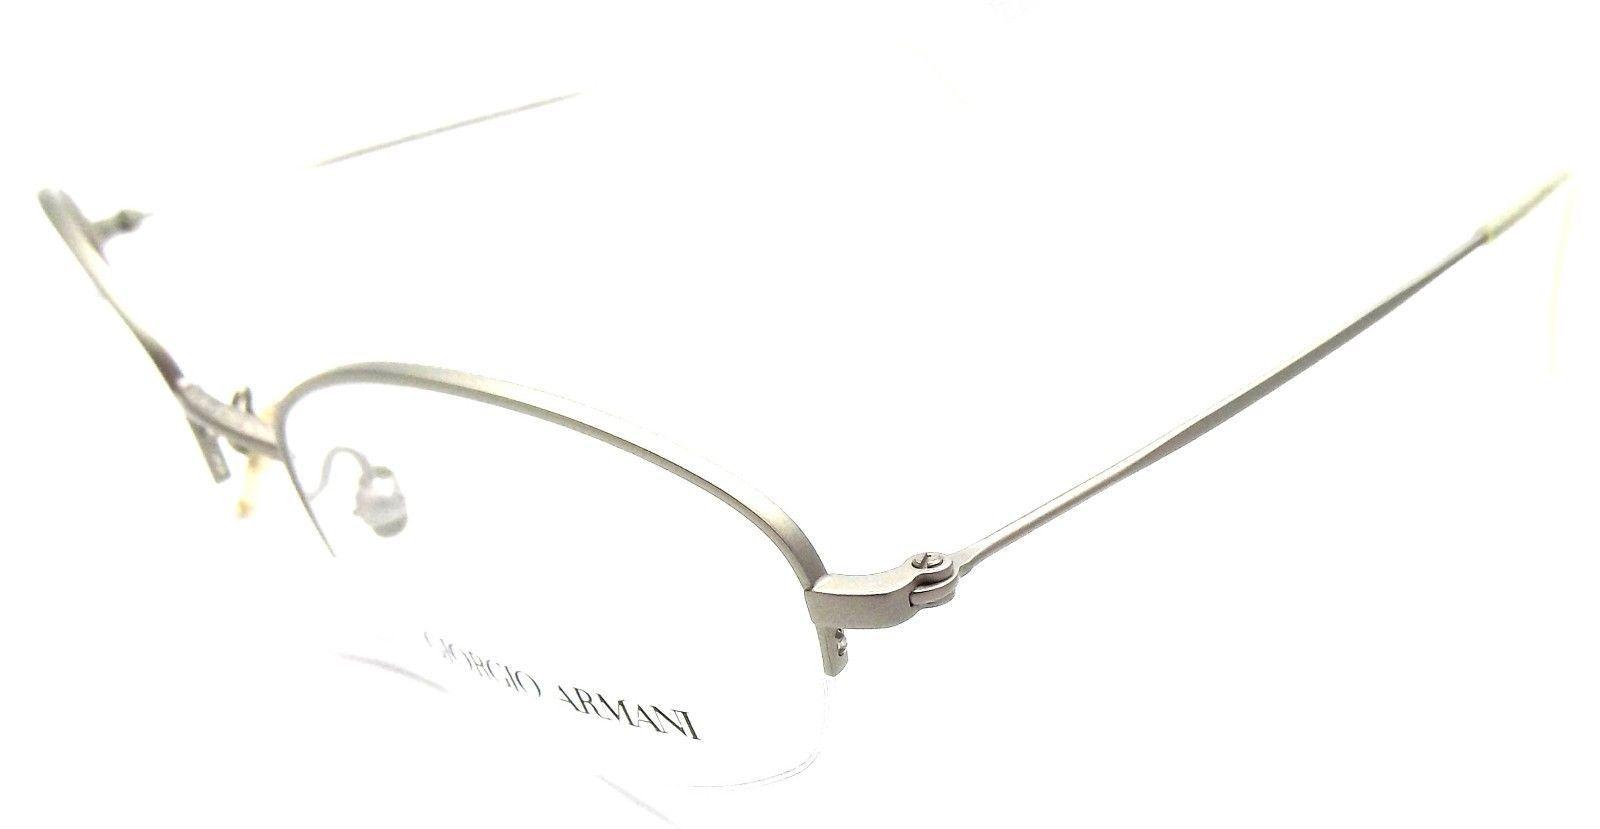 8bb18e34081e S l1600. S l1600. Giorgio Armani 1038 881 Rx Eyeglasses Frames Half Rim  48x20x135 Silver ITALY ...